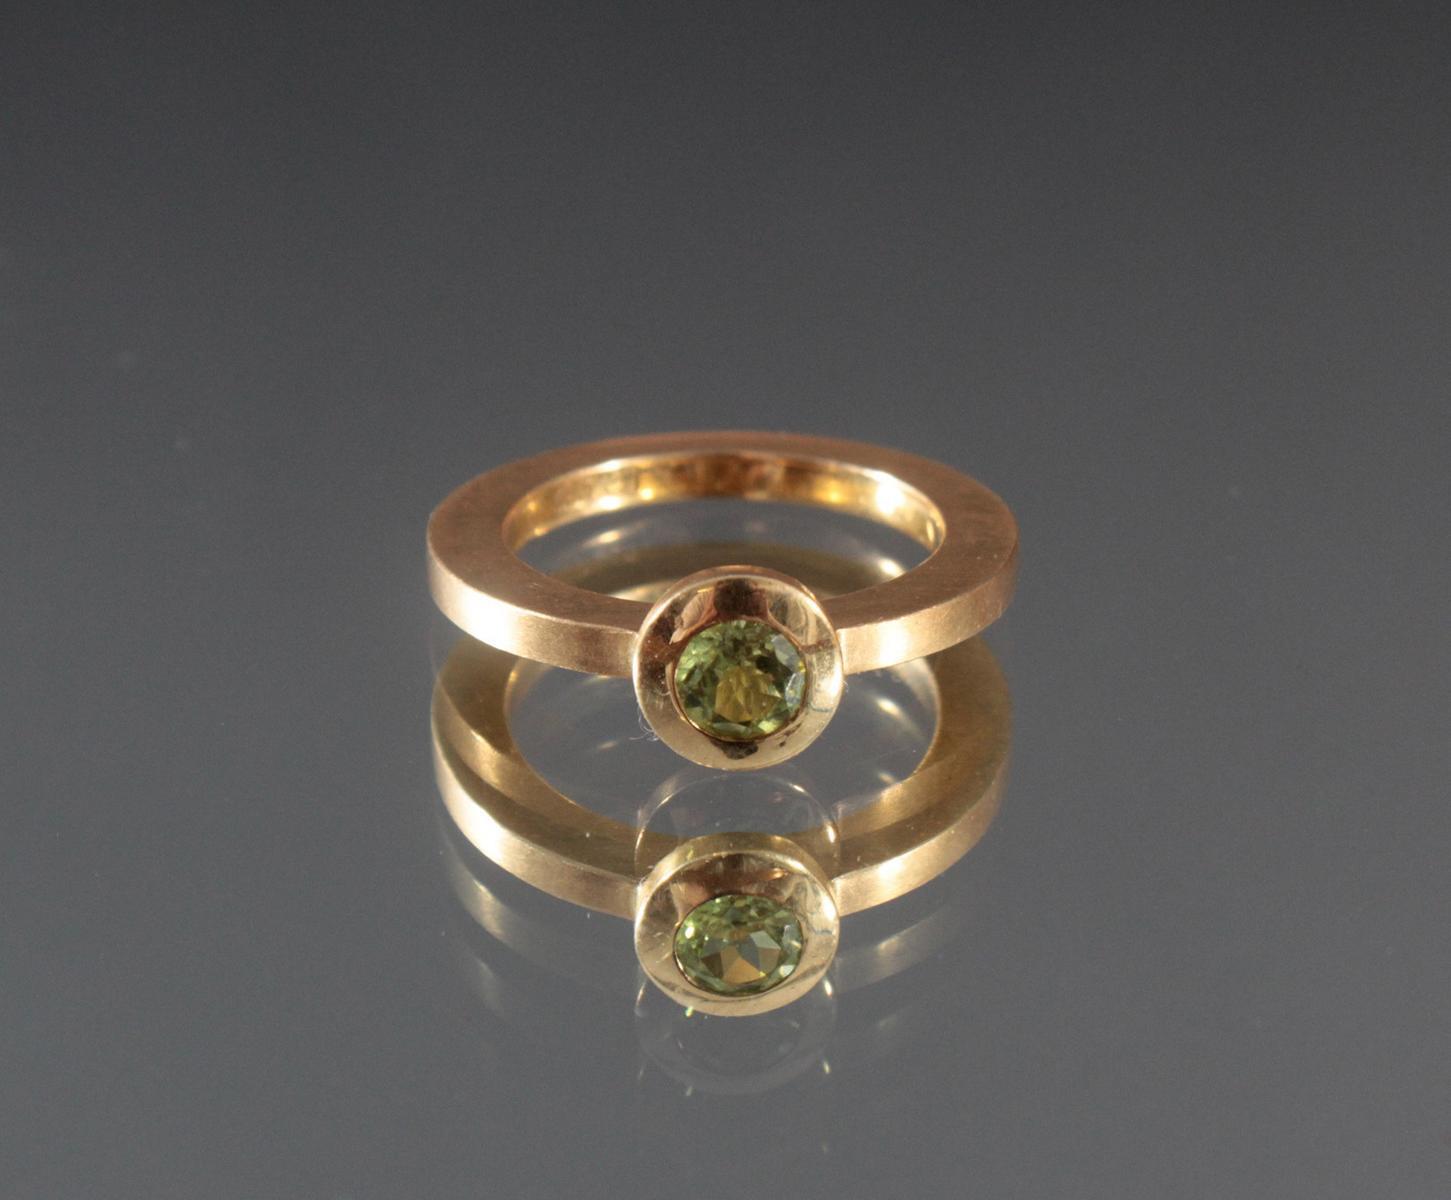 Damenring mit Peridot im Diamantschliff. 18 Karat Gelbgold